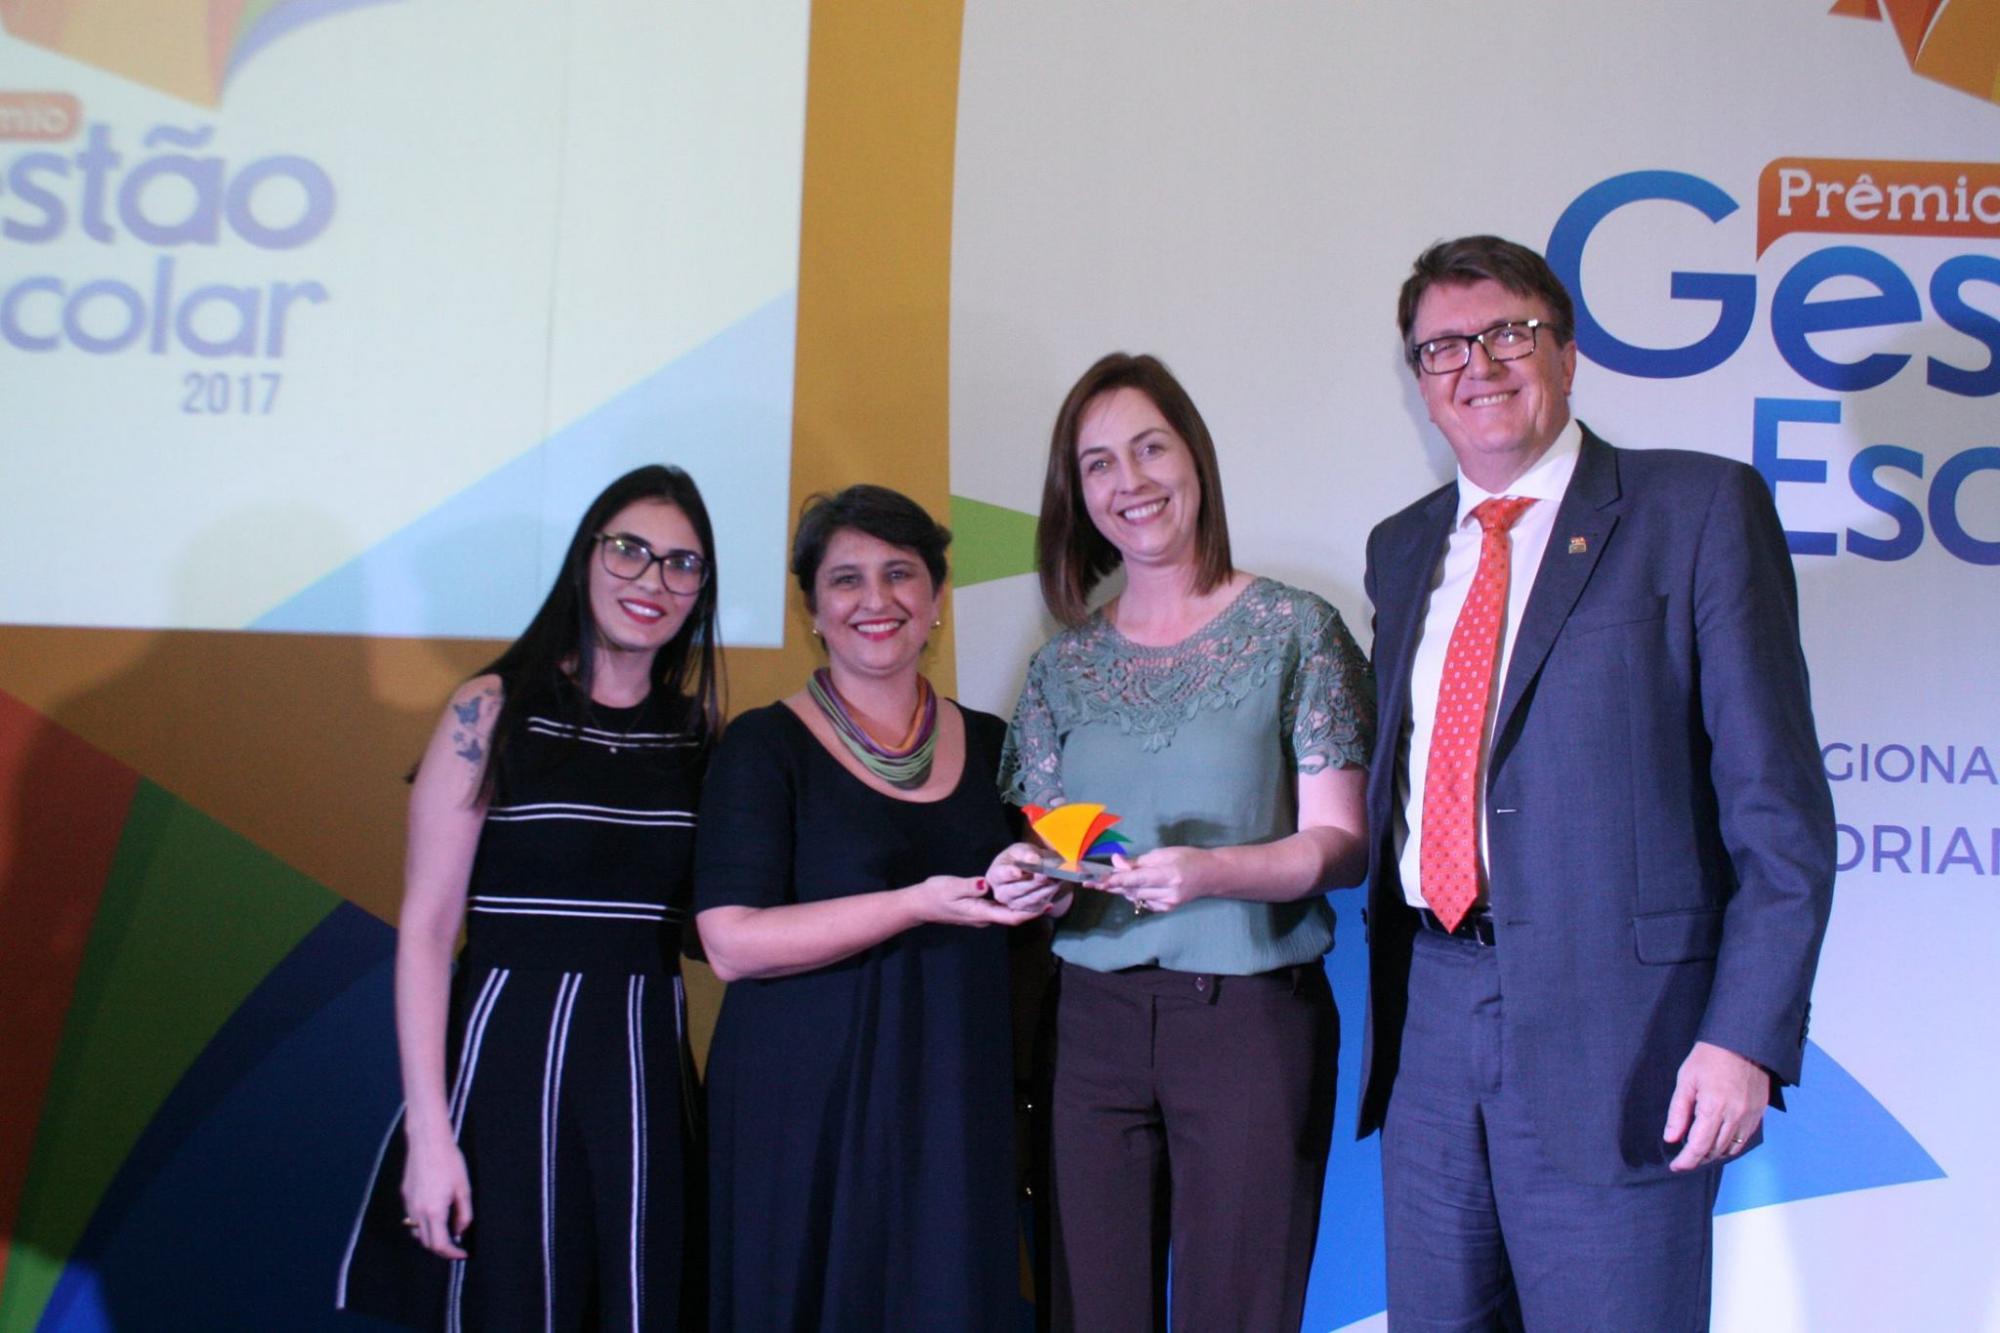 EEF Mont Alverne vence regional Sul e representa Santa Catarina na final do Prêmio Gestão Escolar 2017